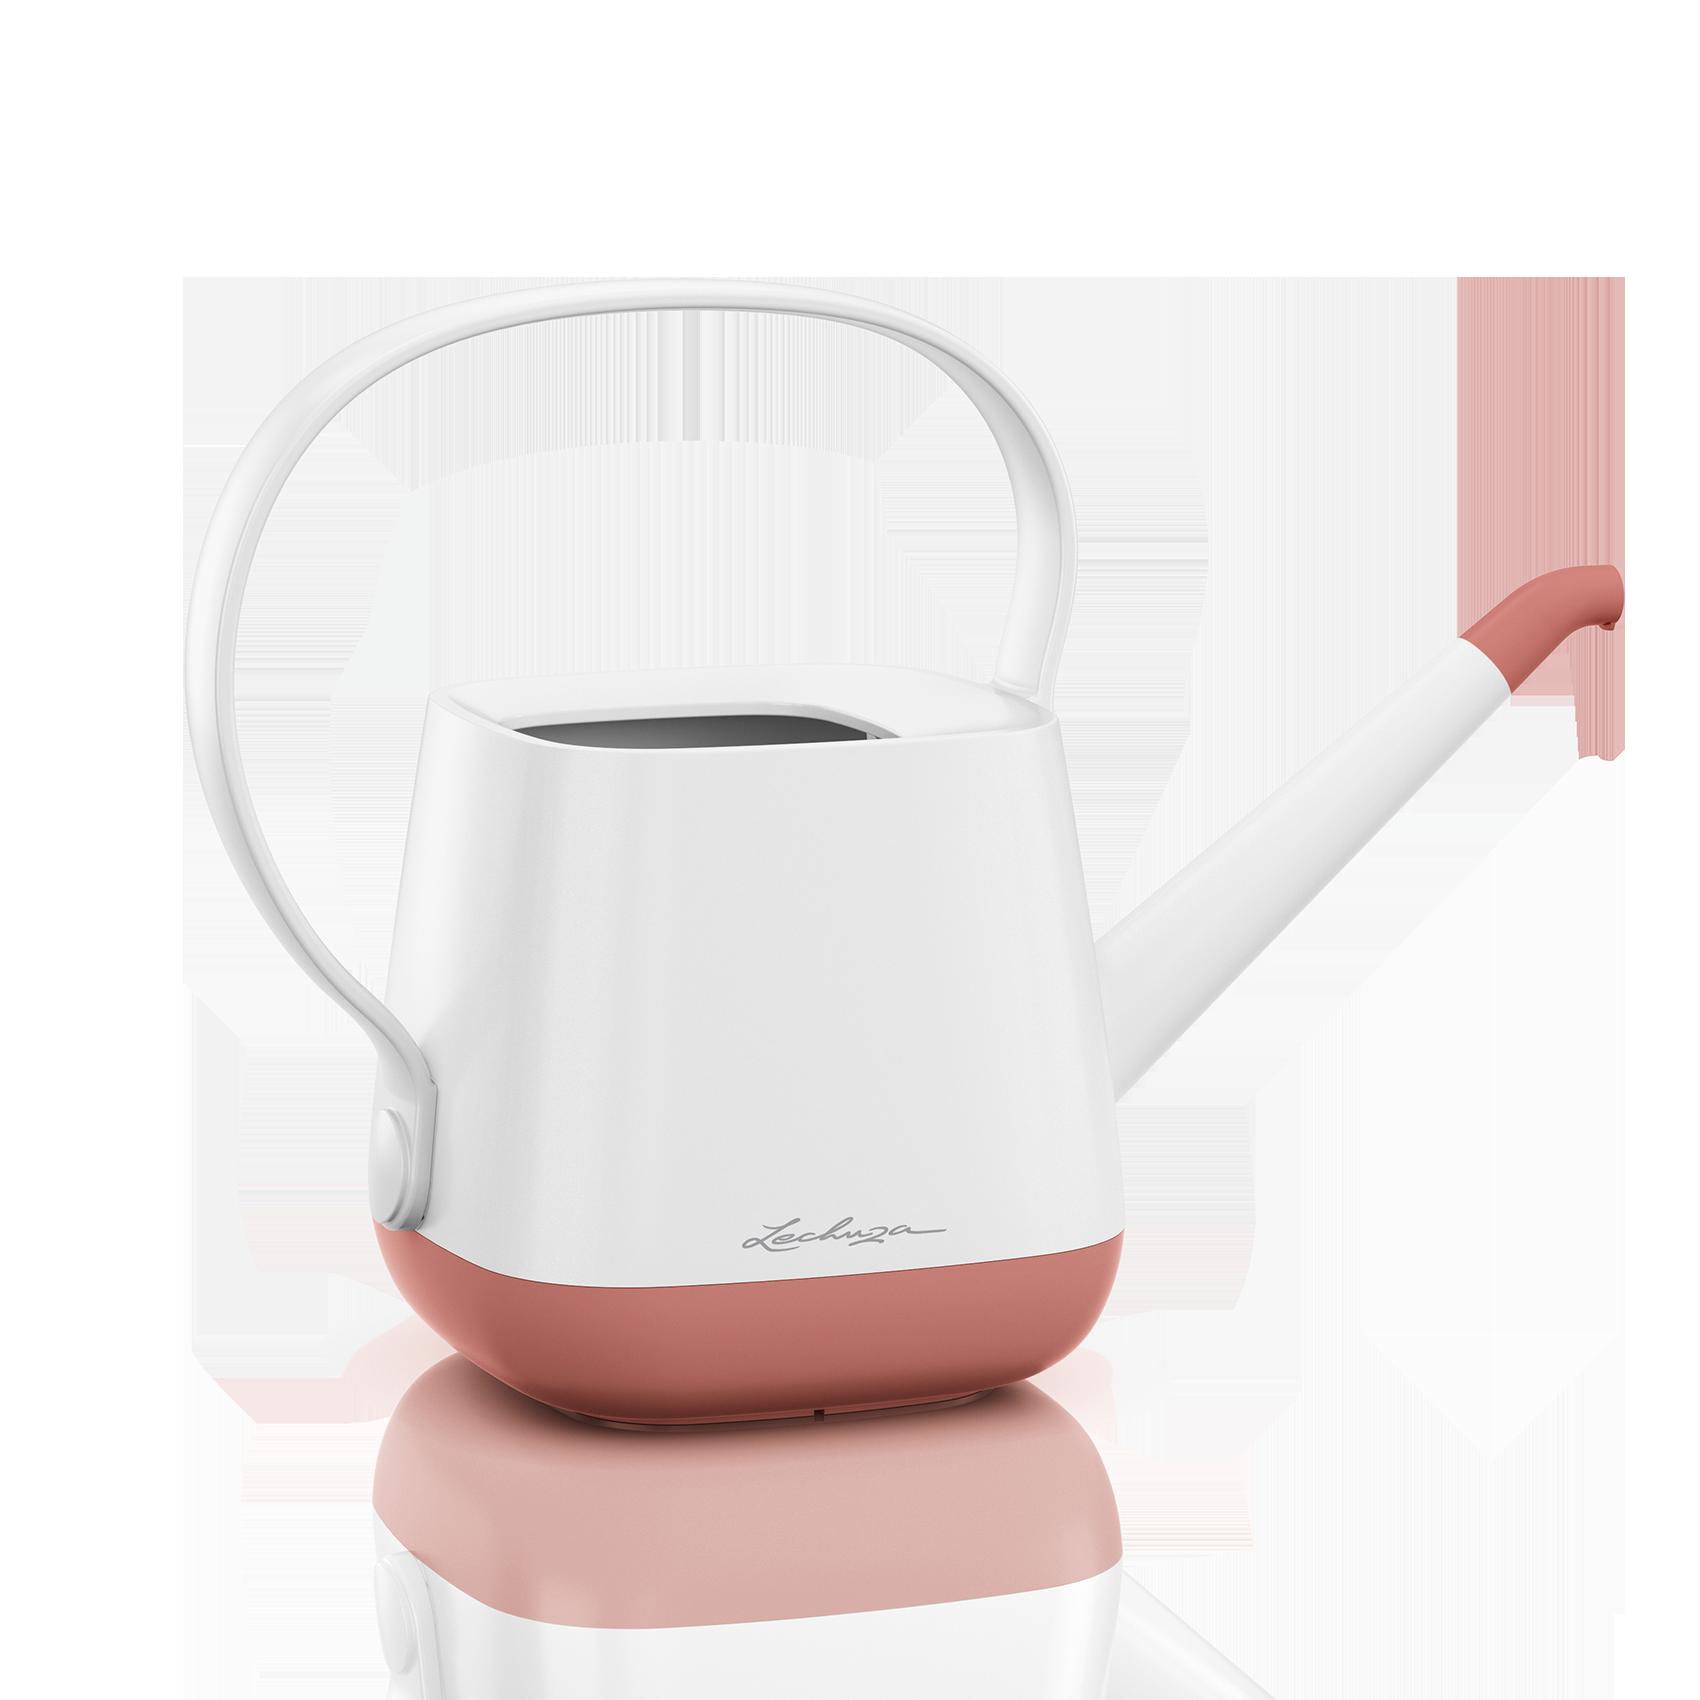 Arrosoir YULA blanc/rose poudré satiné